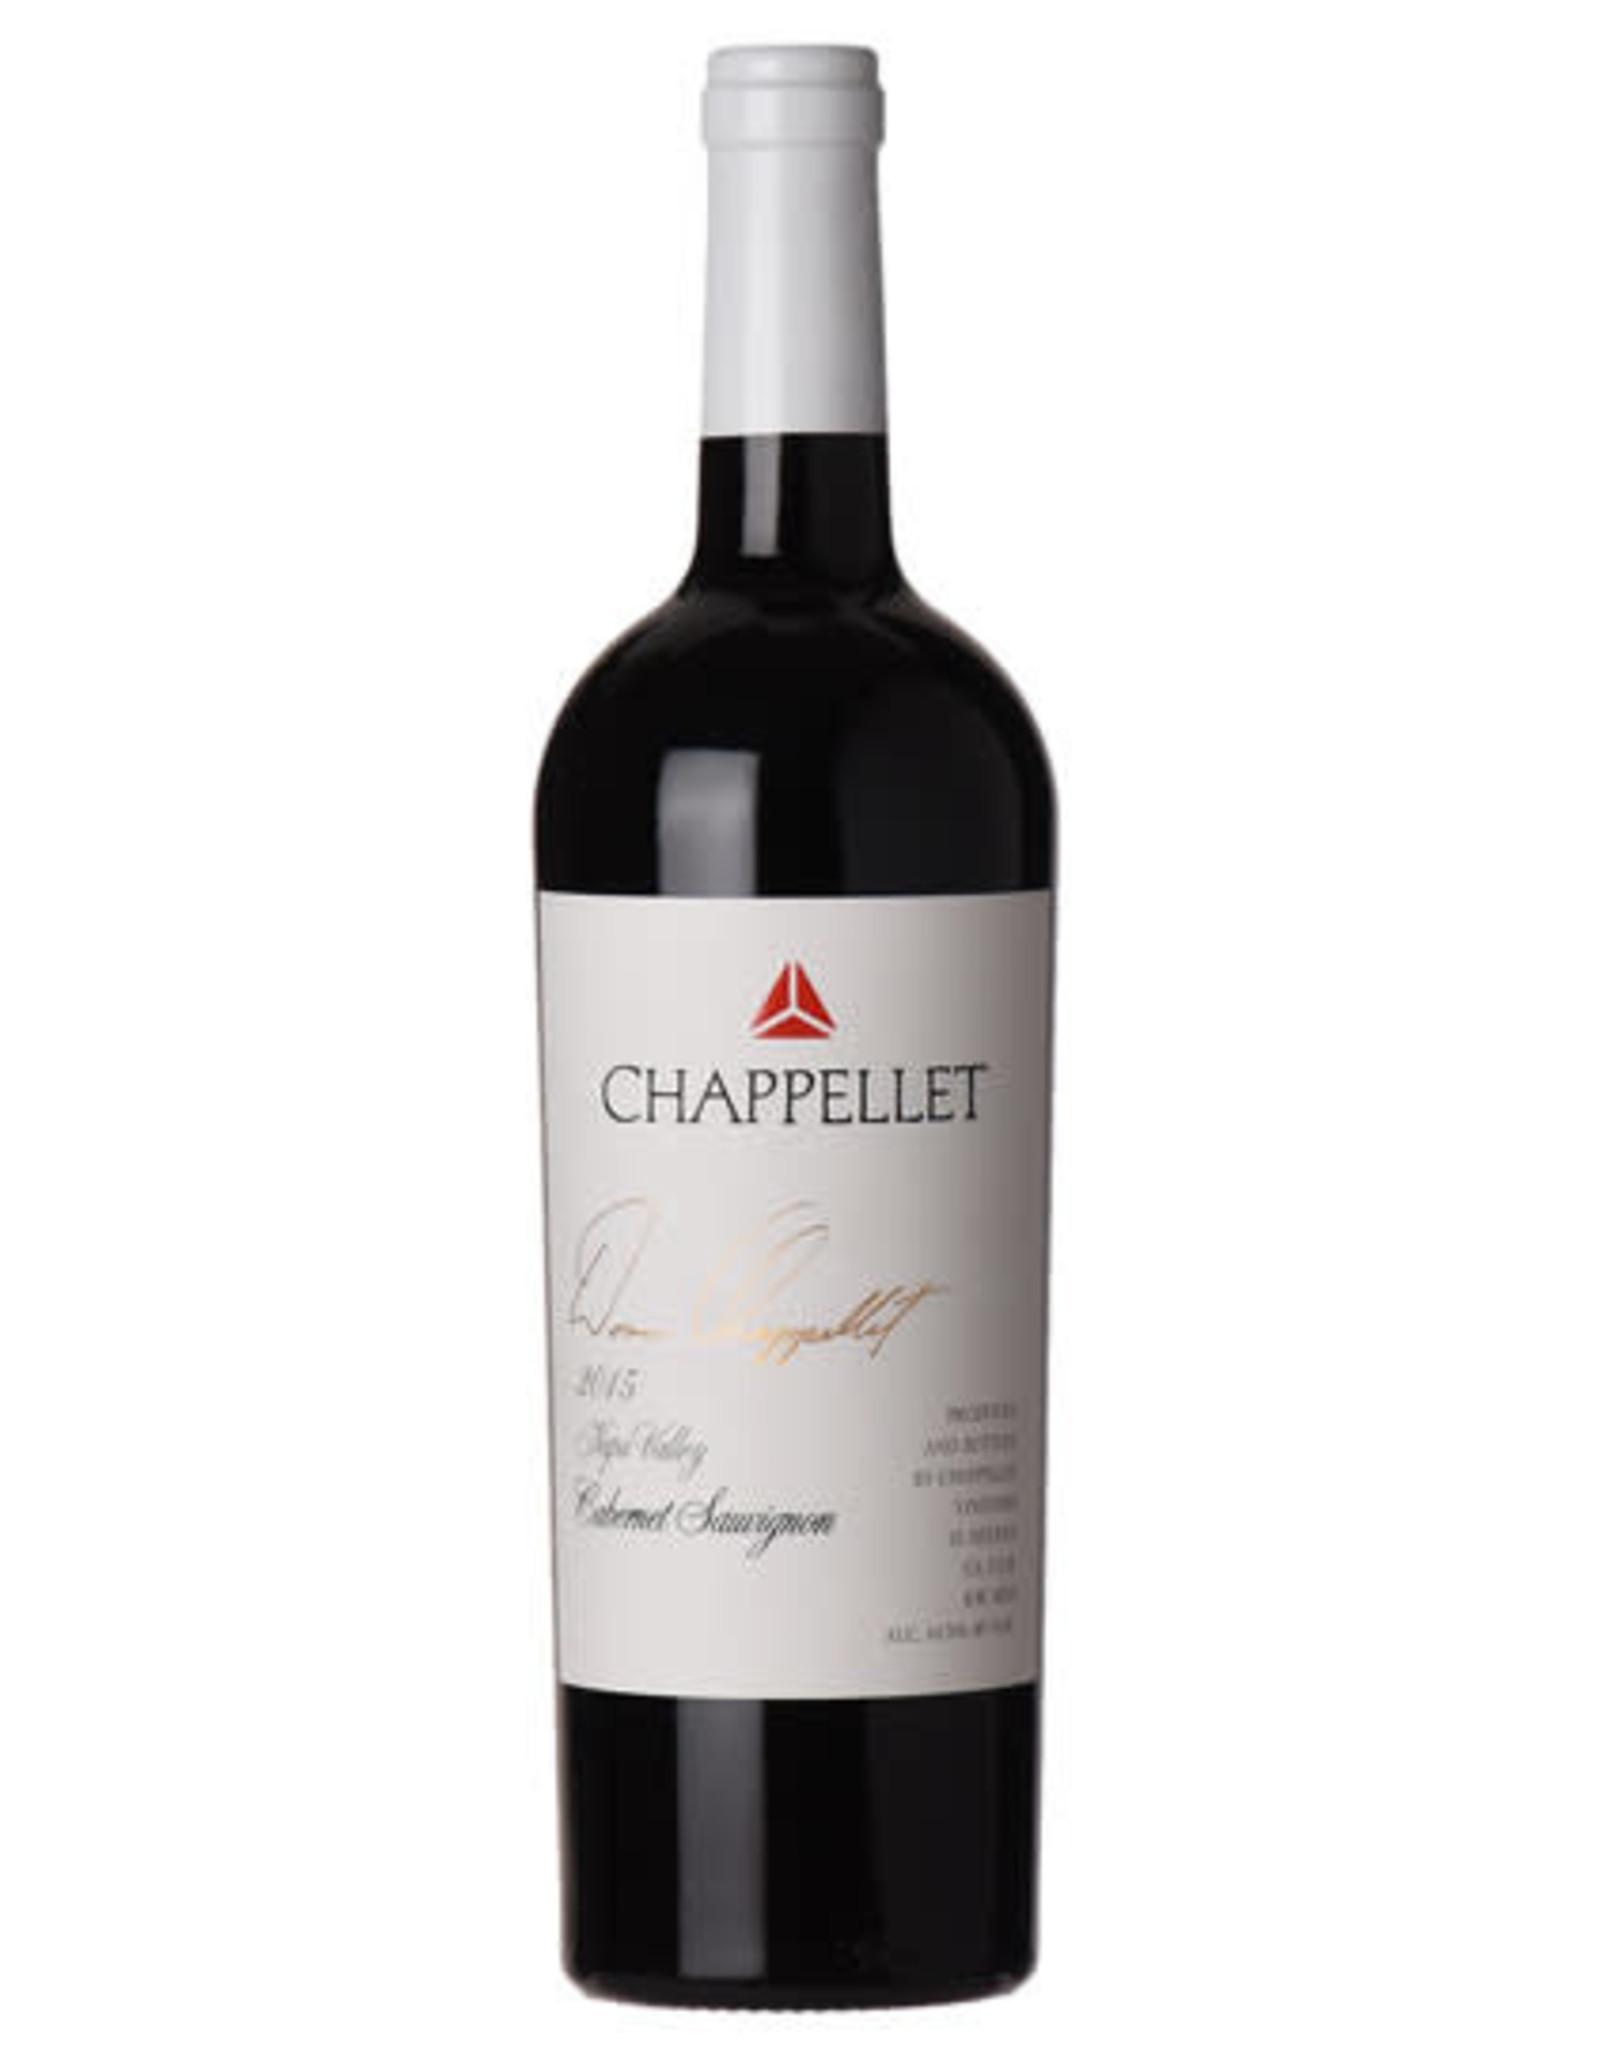 Chappellet, Signature Cabernet Sauvignon 2015